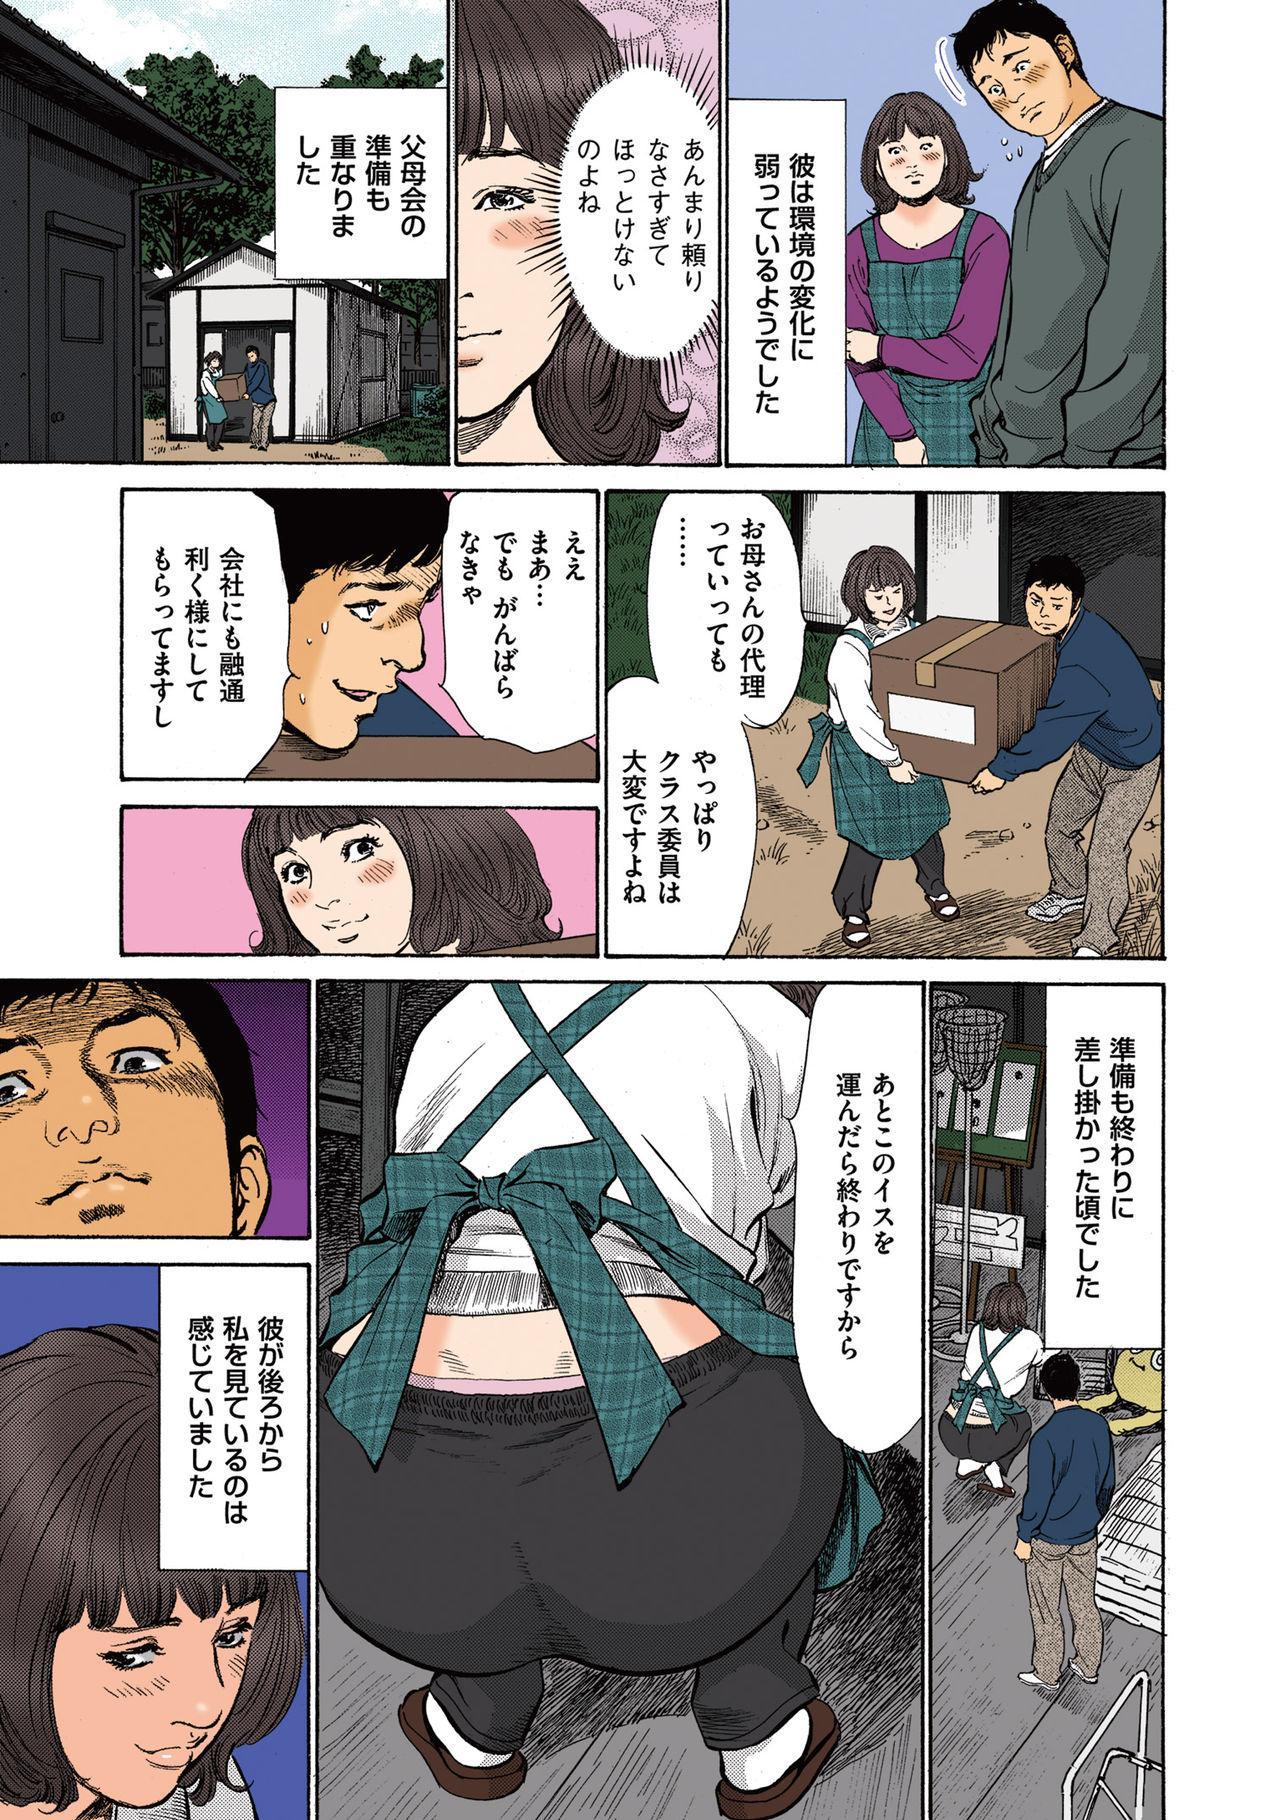 [Hazuki Kaoru] Hazuki Kaoru no Tamaranai Hanashi (Full Color Version) 2-1 24